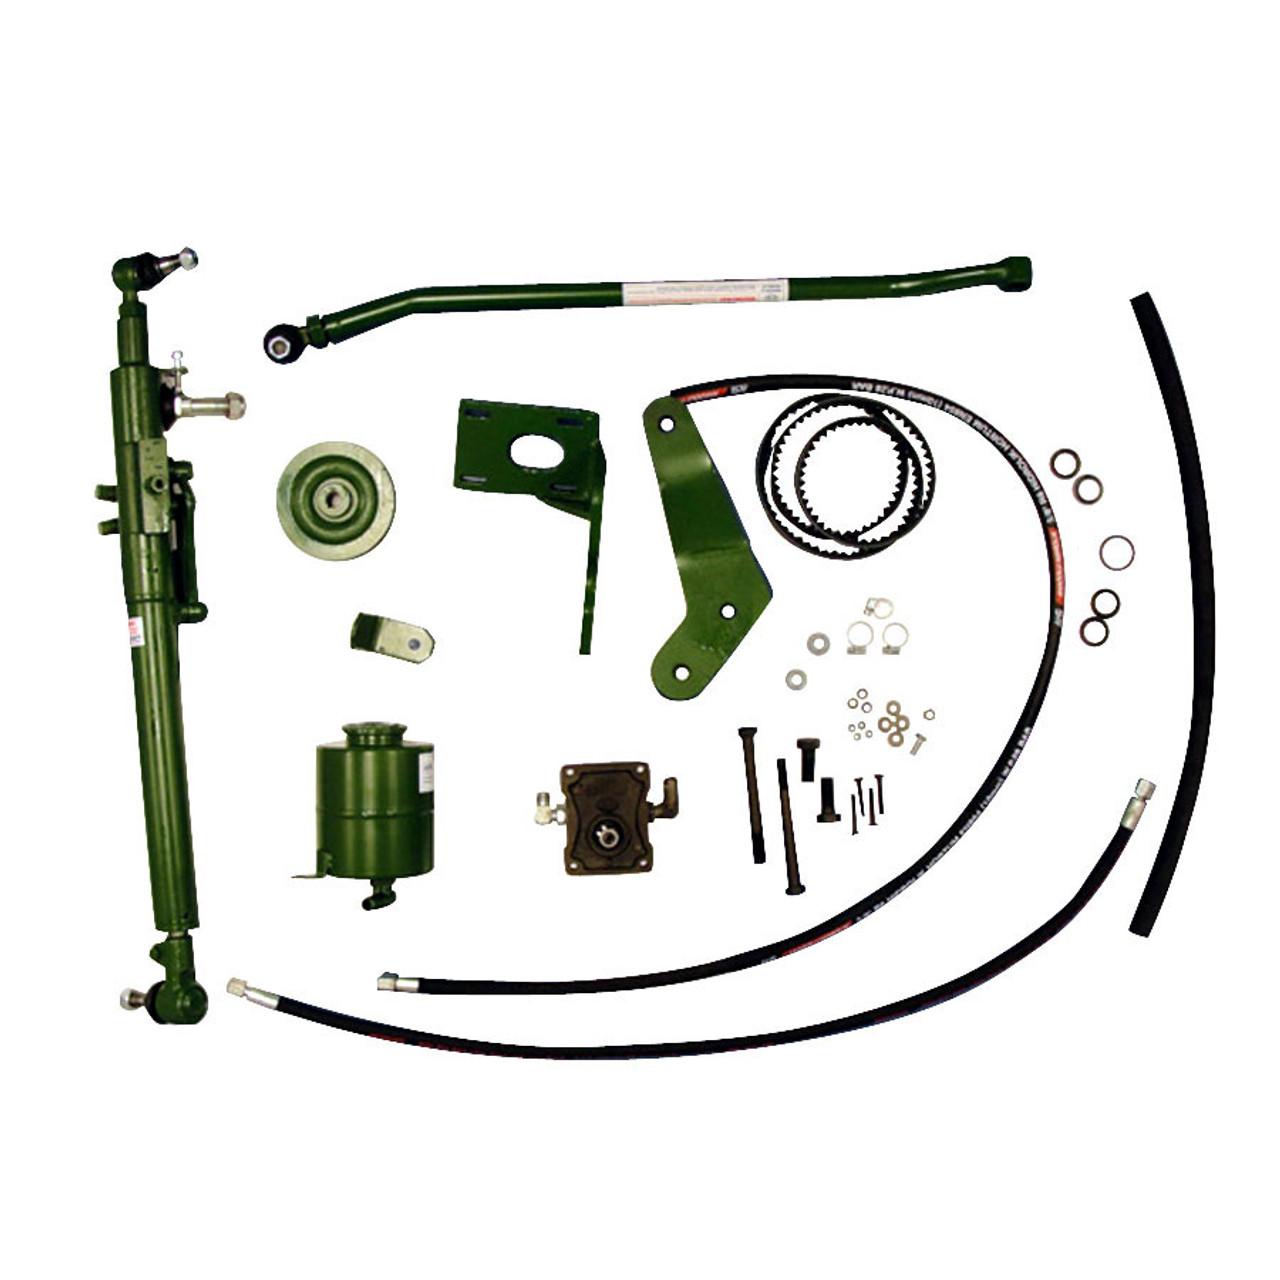 Jd Power Steering Kit Fits 1020 1120 1130 1520